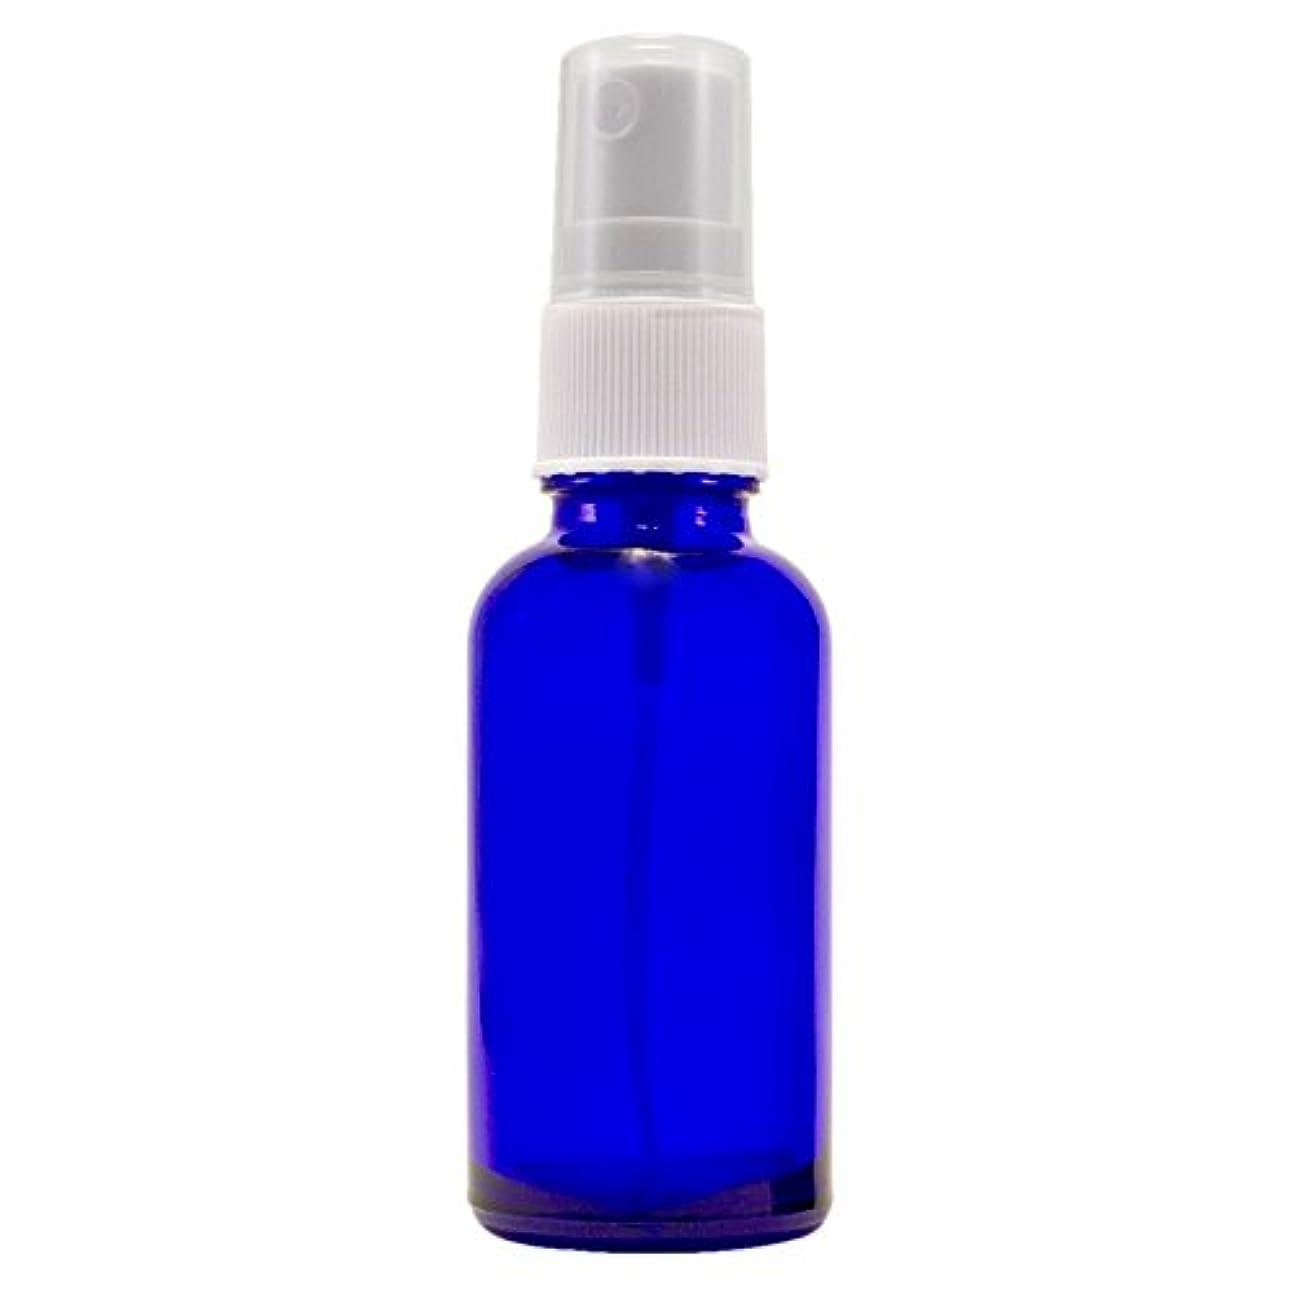 不健康財団ペストリーWyndmere Naturals - Glass Bottle W/mist Sprayer 4oz, 1 Bottles (1) by Wyndmere Naturals